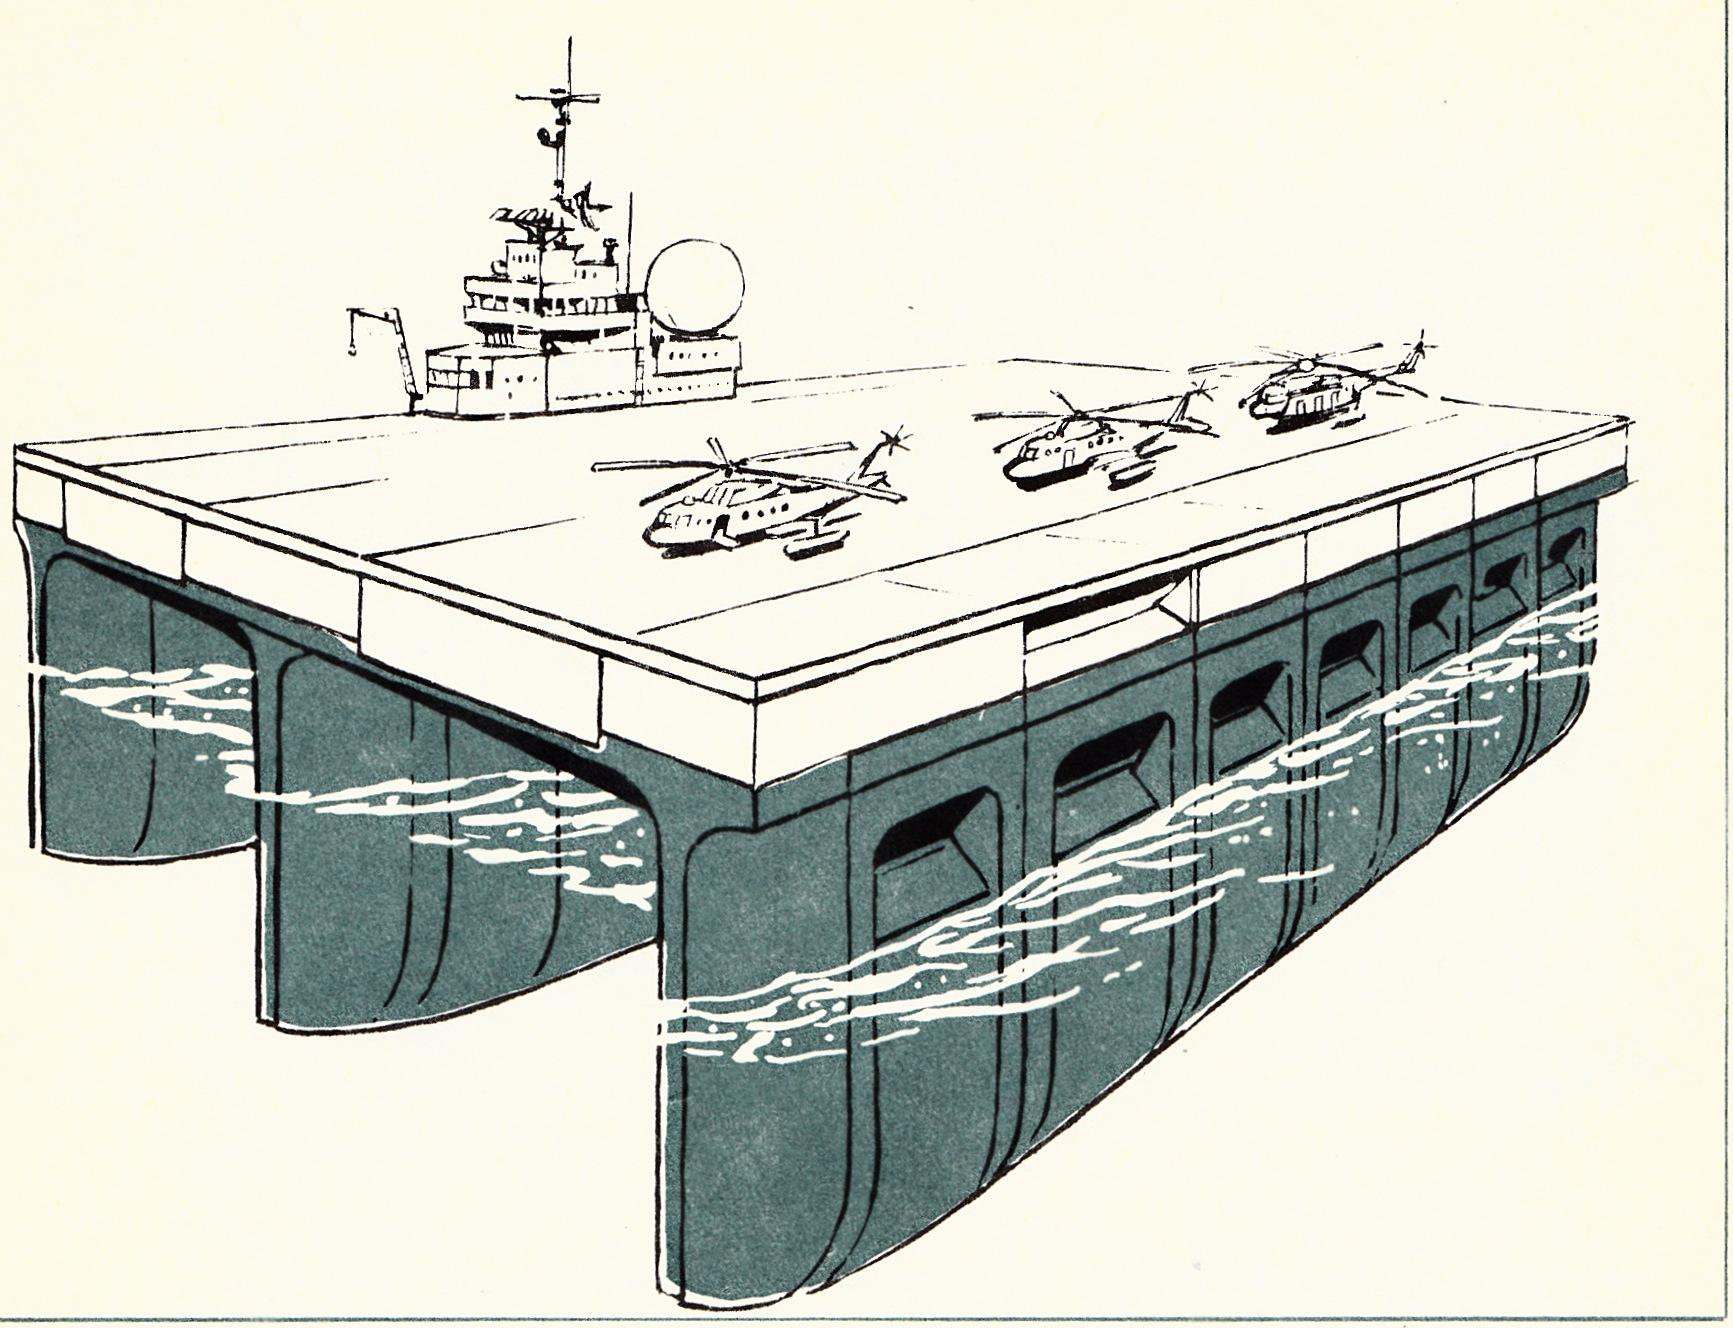 Projekt trójkadłubowej bazy i lądowiska dla zespołów operacyjnych marynarki wojennej